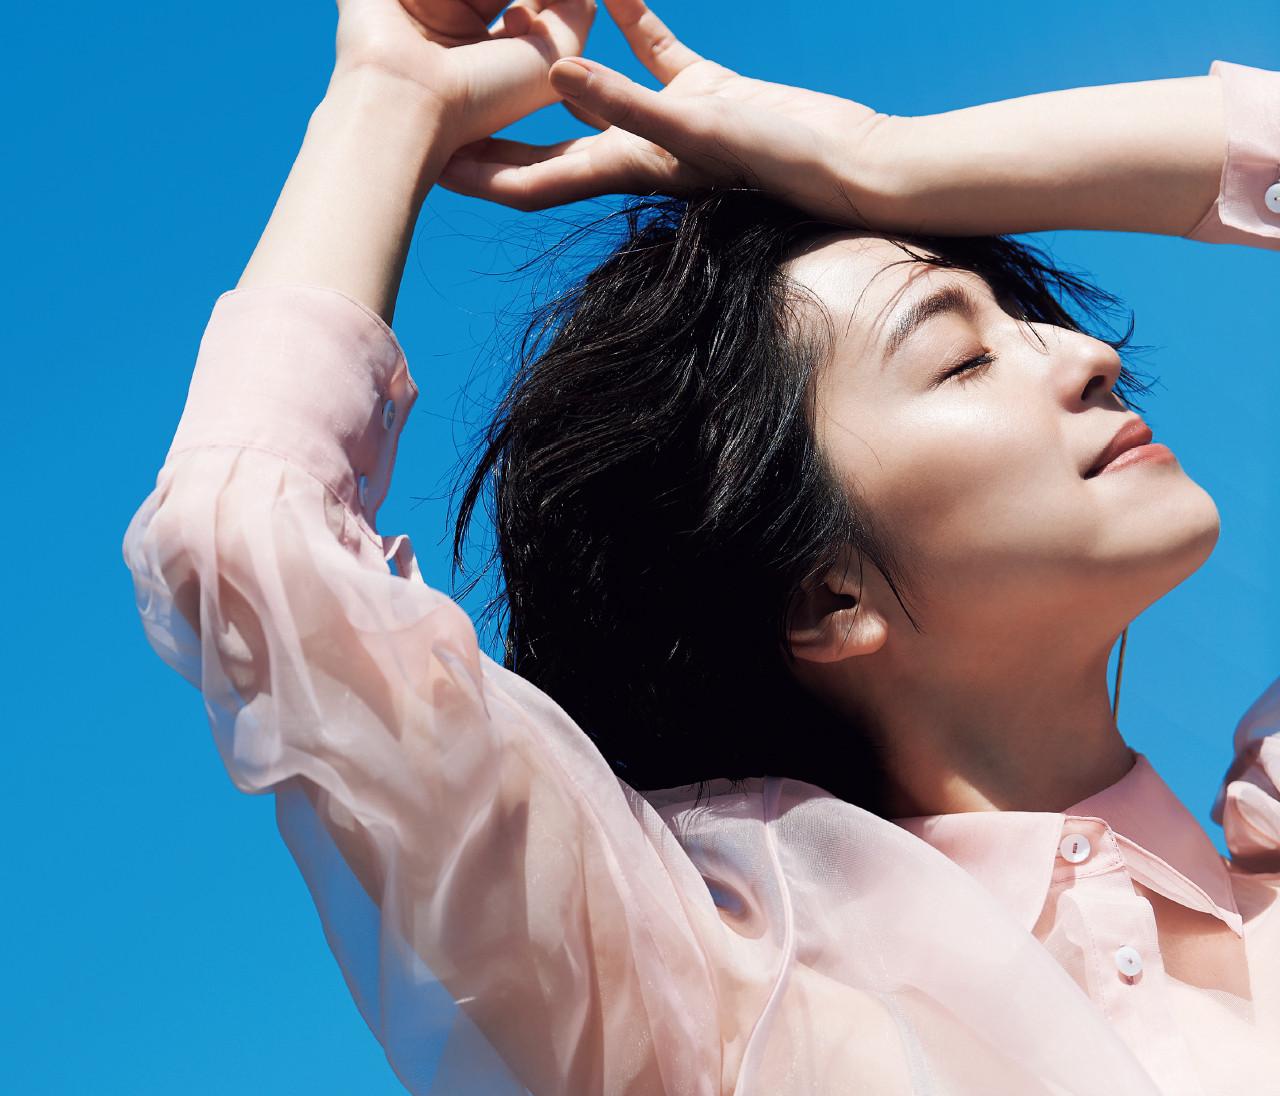 【中村アンの30代ファッション】大人のおしゃれを楽しむための4つのテーマ